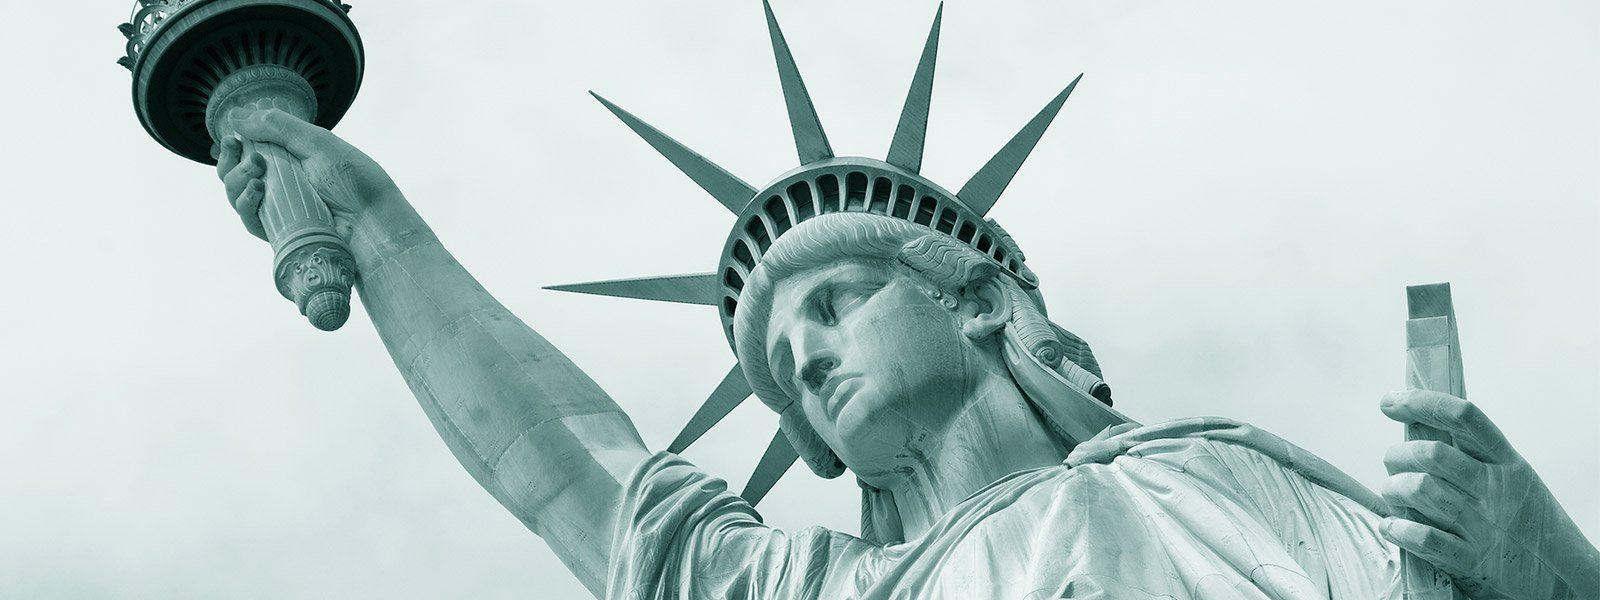 StatueofLiberty1600x600